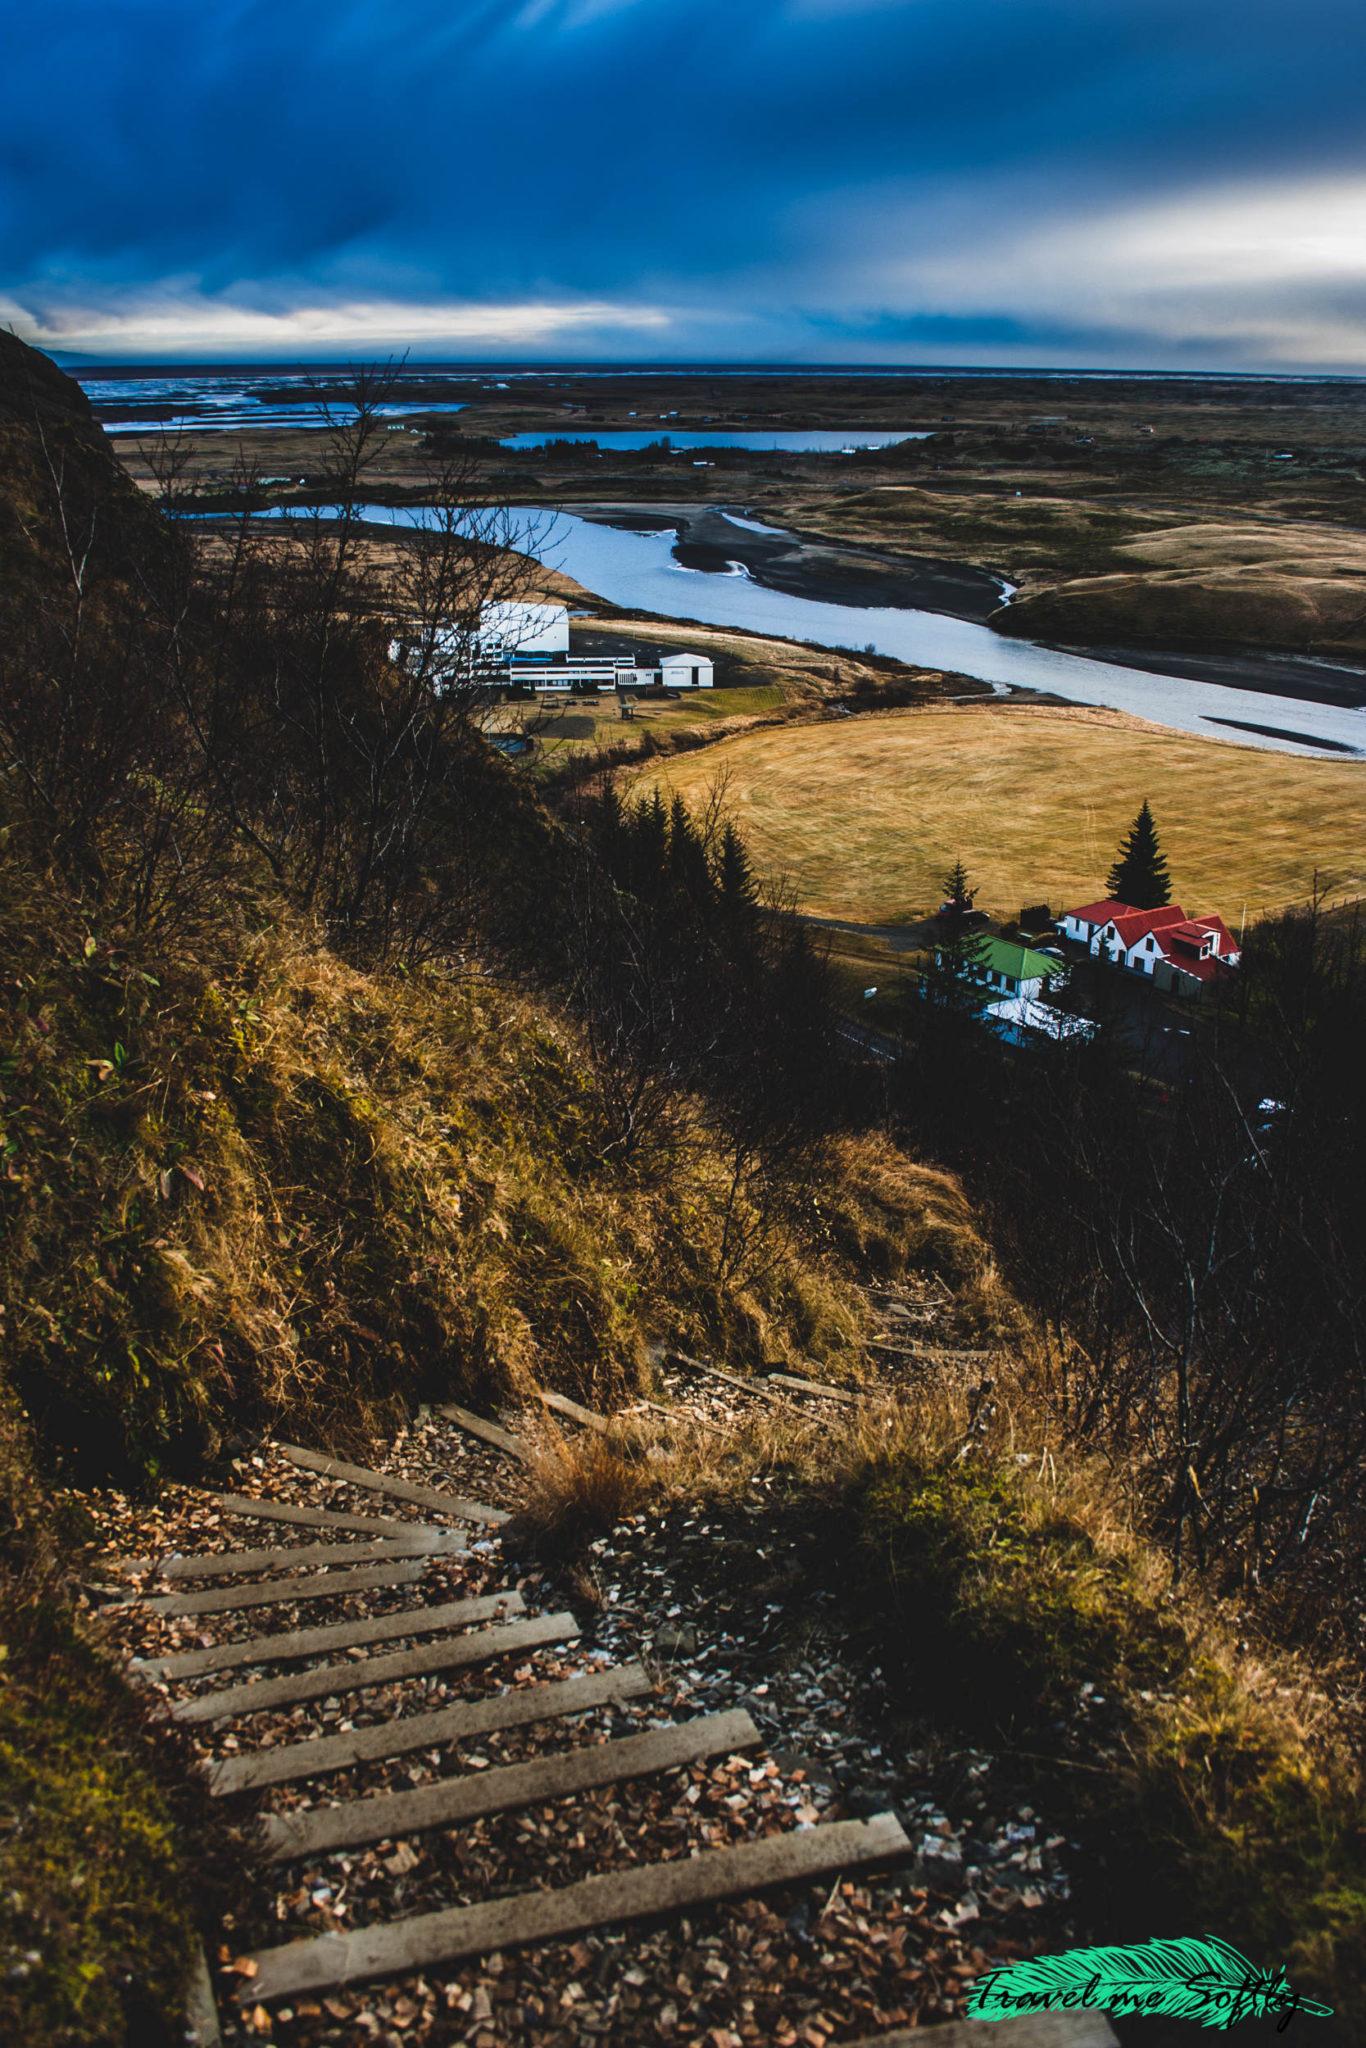 imágenes de islandia klaustur escalinata